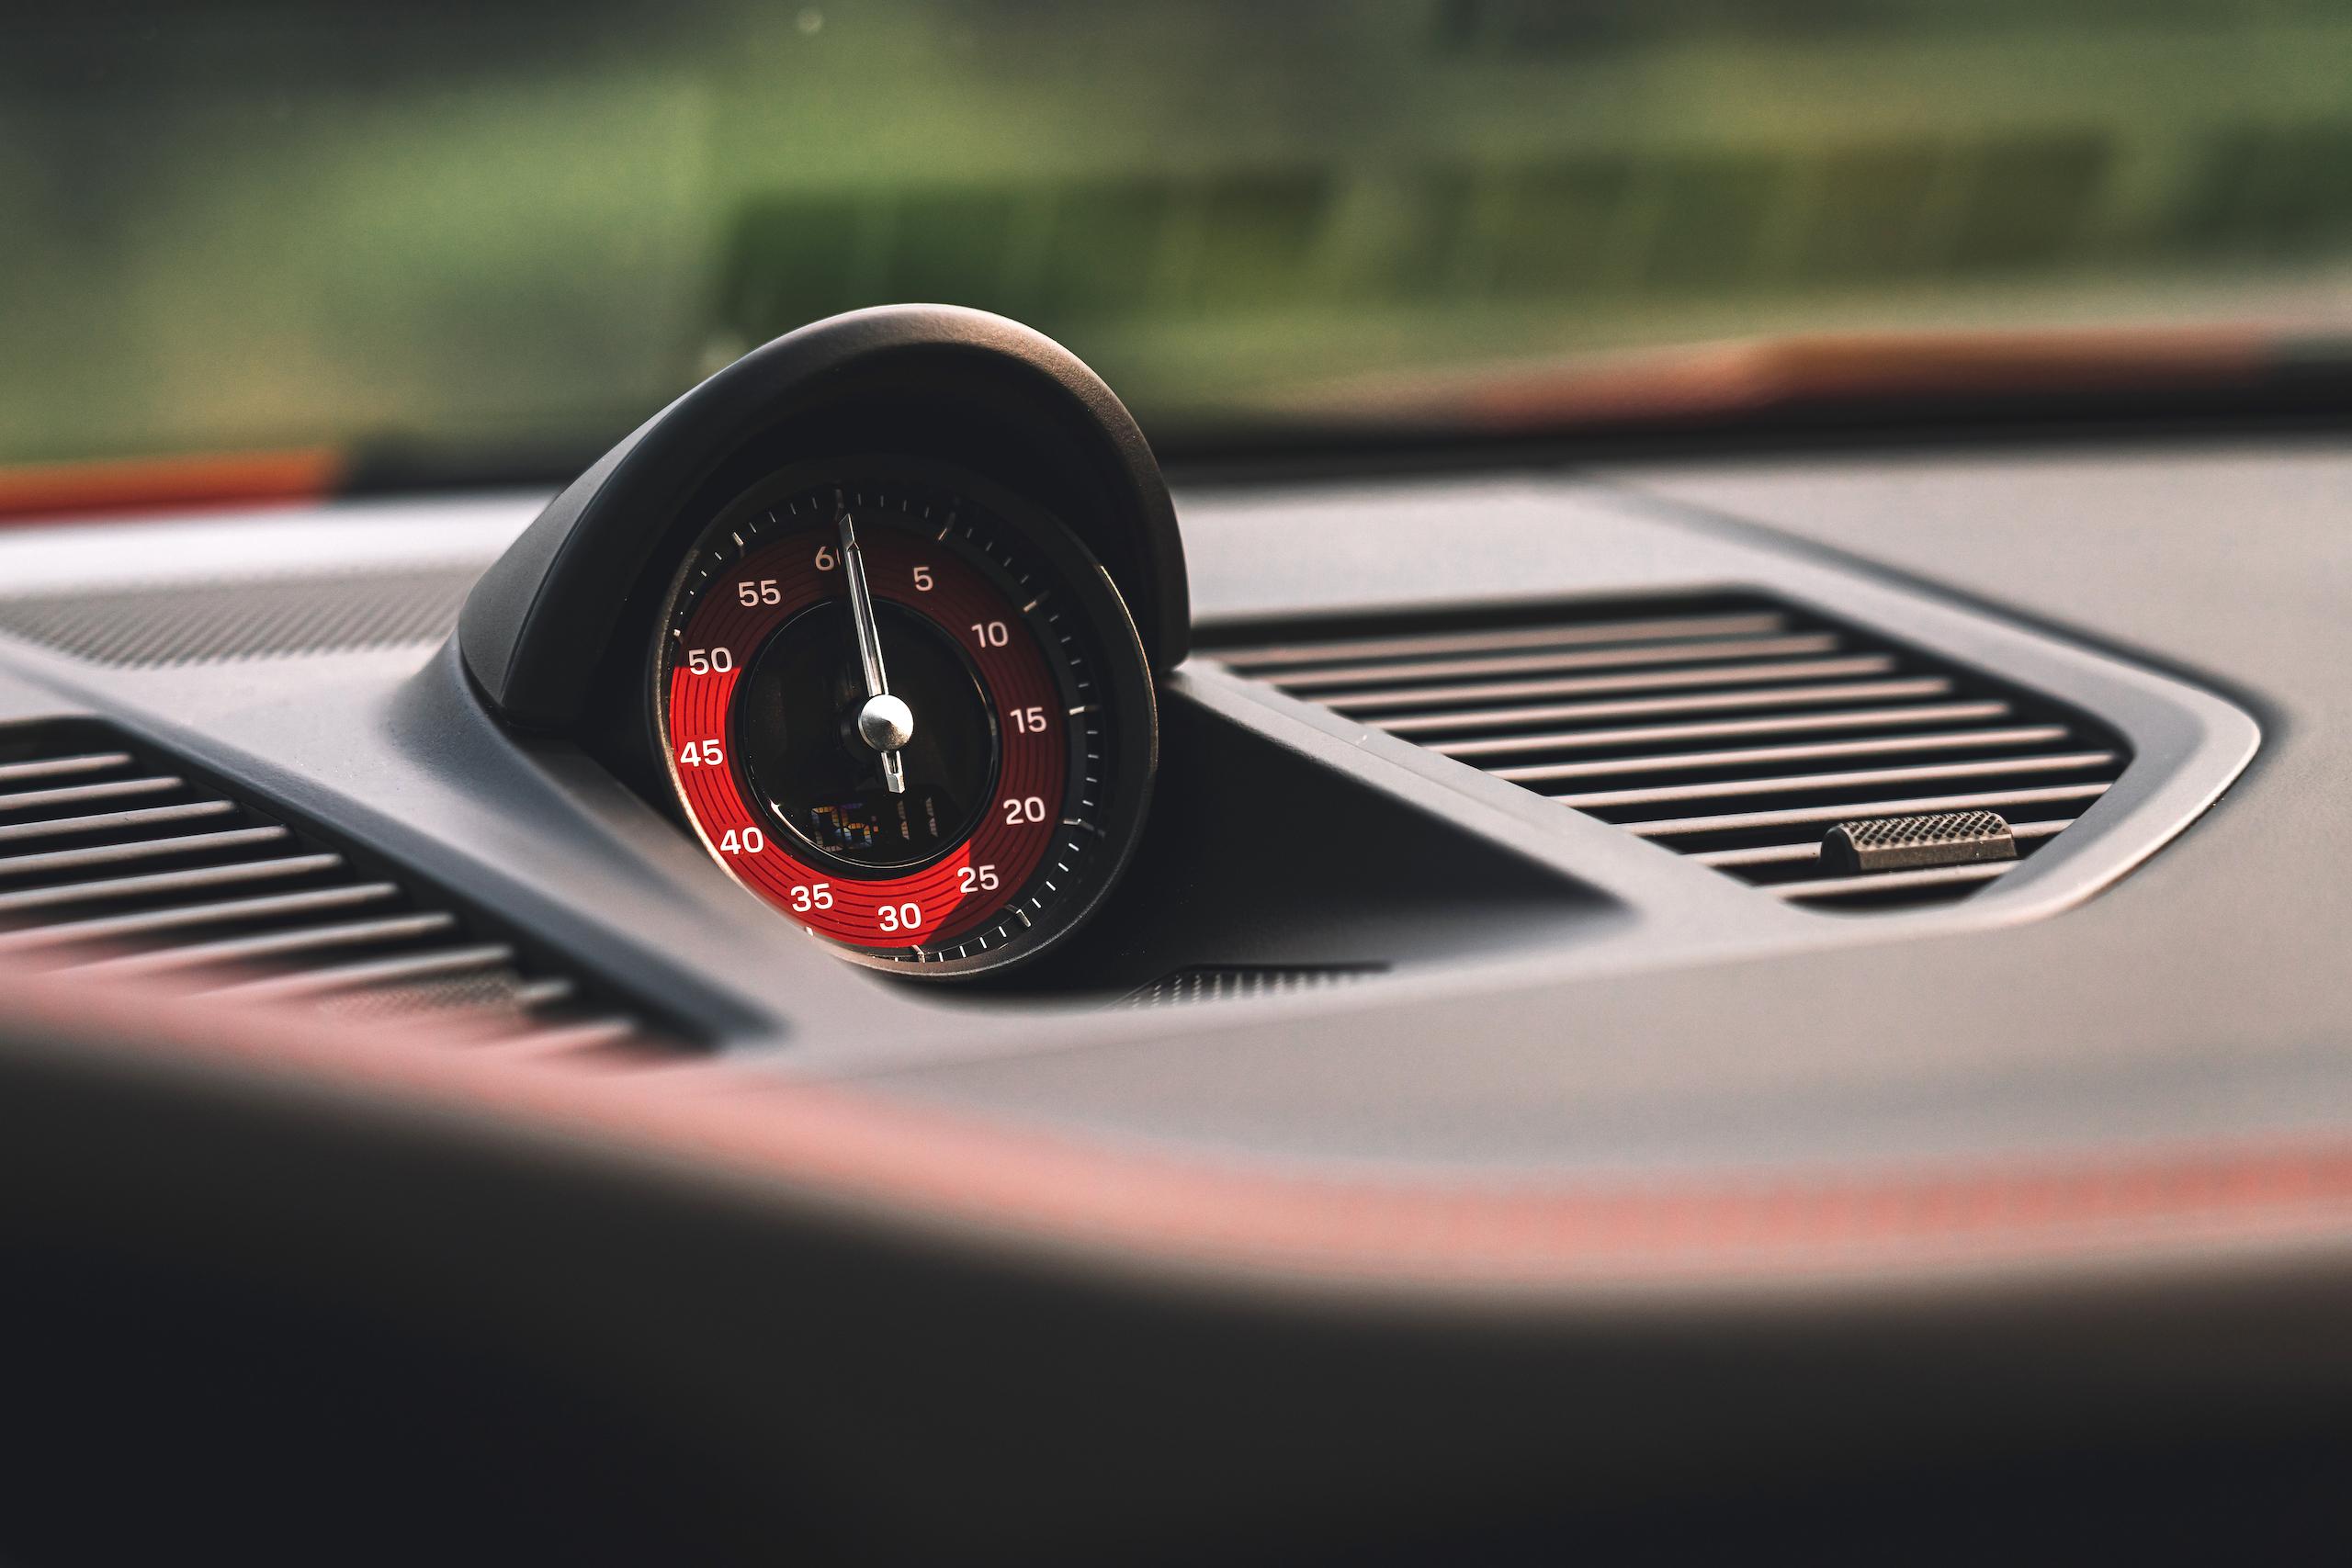 Porsche 911 GTS interior dash gauge